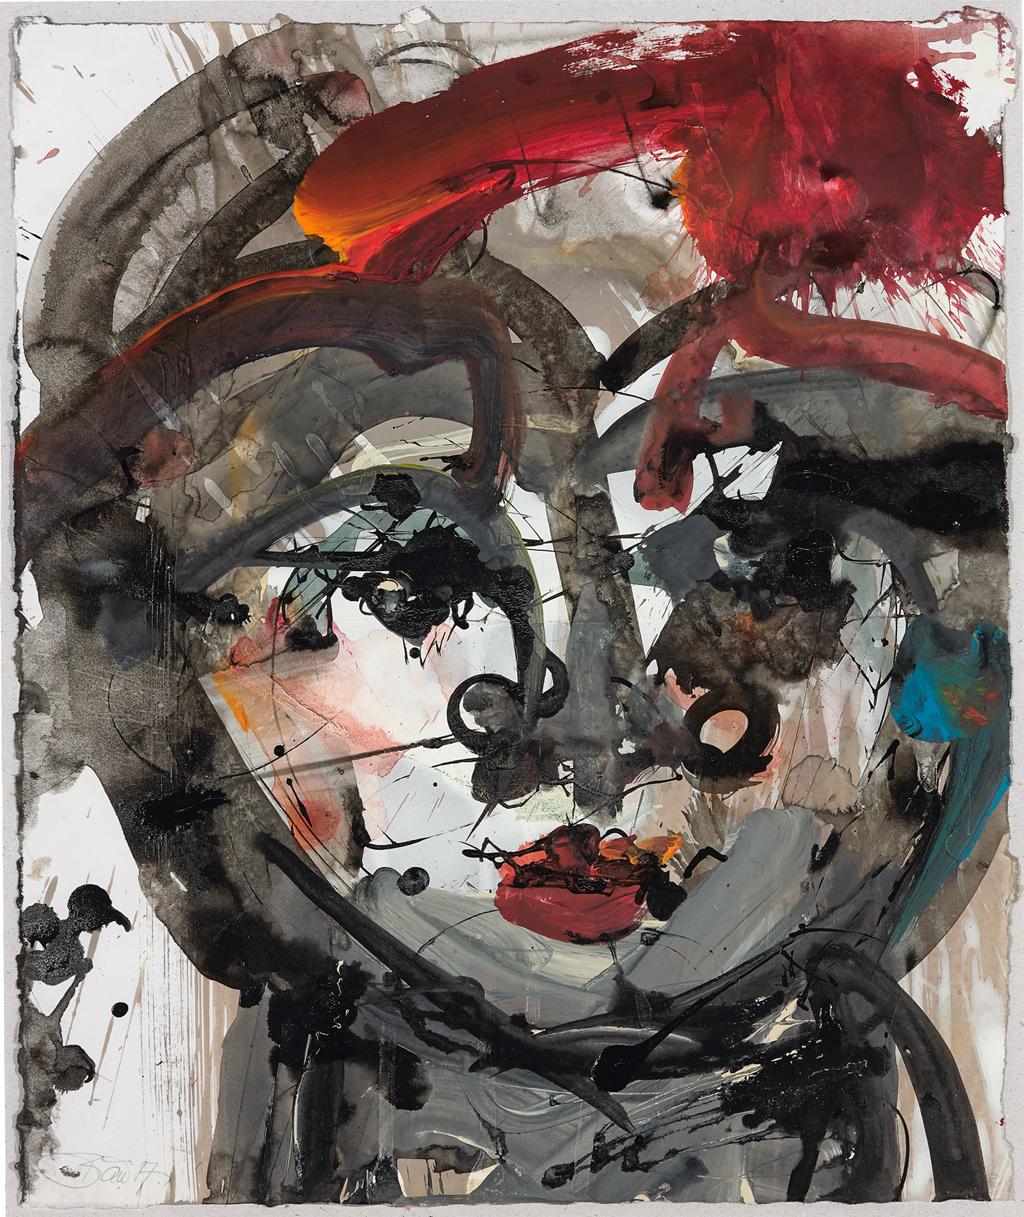 Ein Atemzug, ein Augenspiel 2017, Acryl und Schellack-Tusche auf Papier, 34 x 29 cm